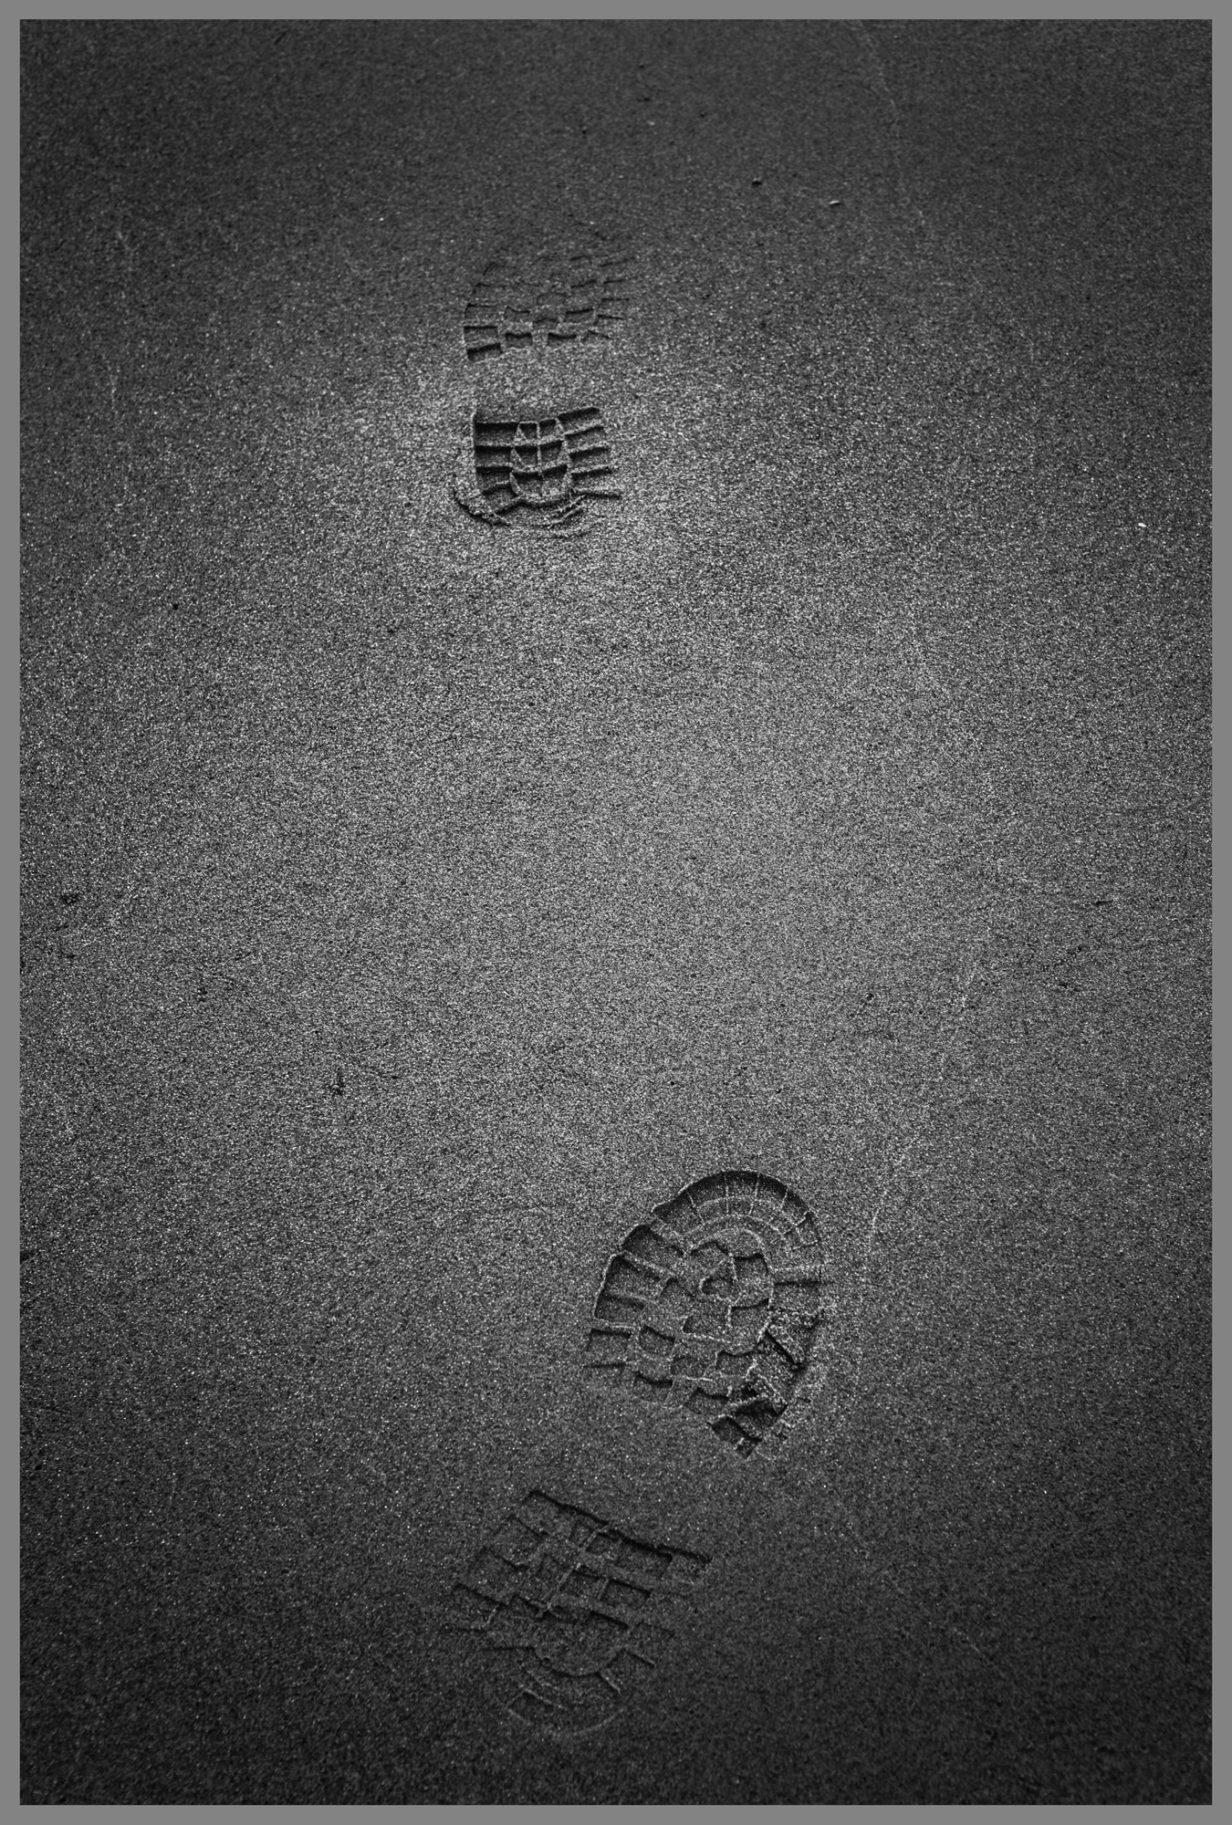 Schwarzweiße Fußabdrücke im Sand